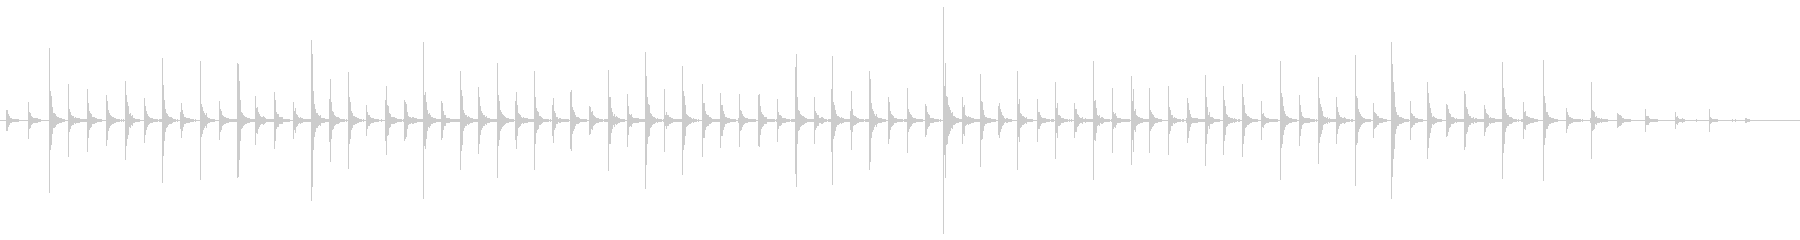 大理石の床のカーペット:ソフトハイ...の未再生の波形